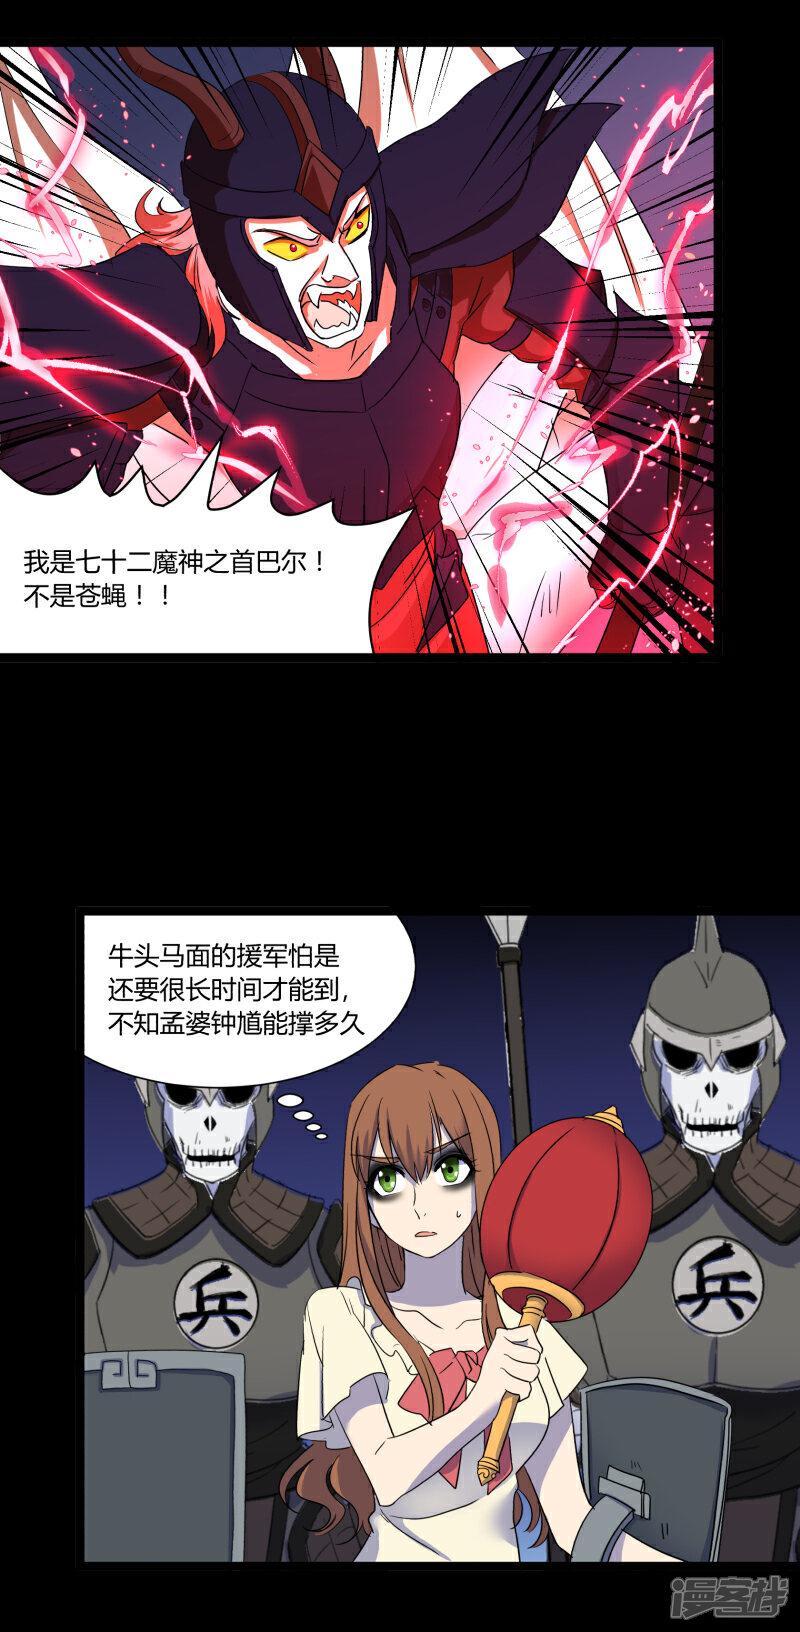 阎王不高兴漫画 第26话 漫客栈